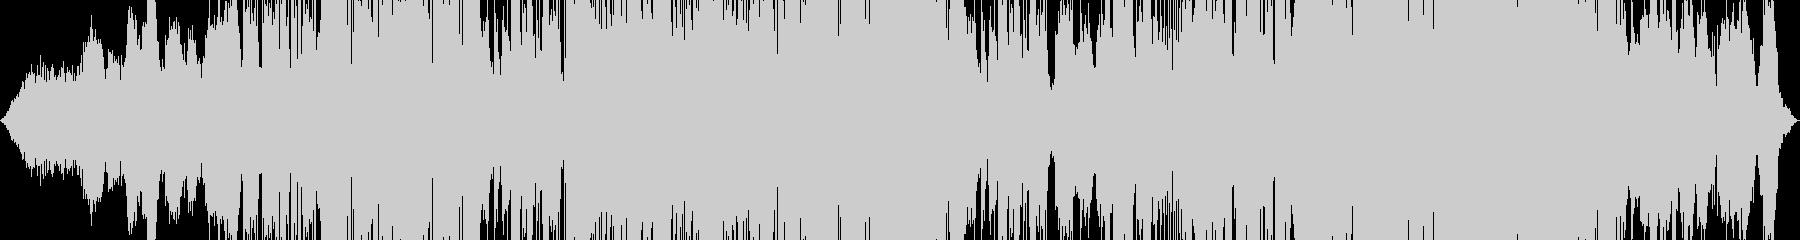 幻想的ドラマチックなエレクトロポップの未再生の波形